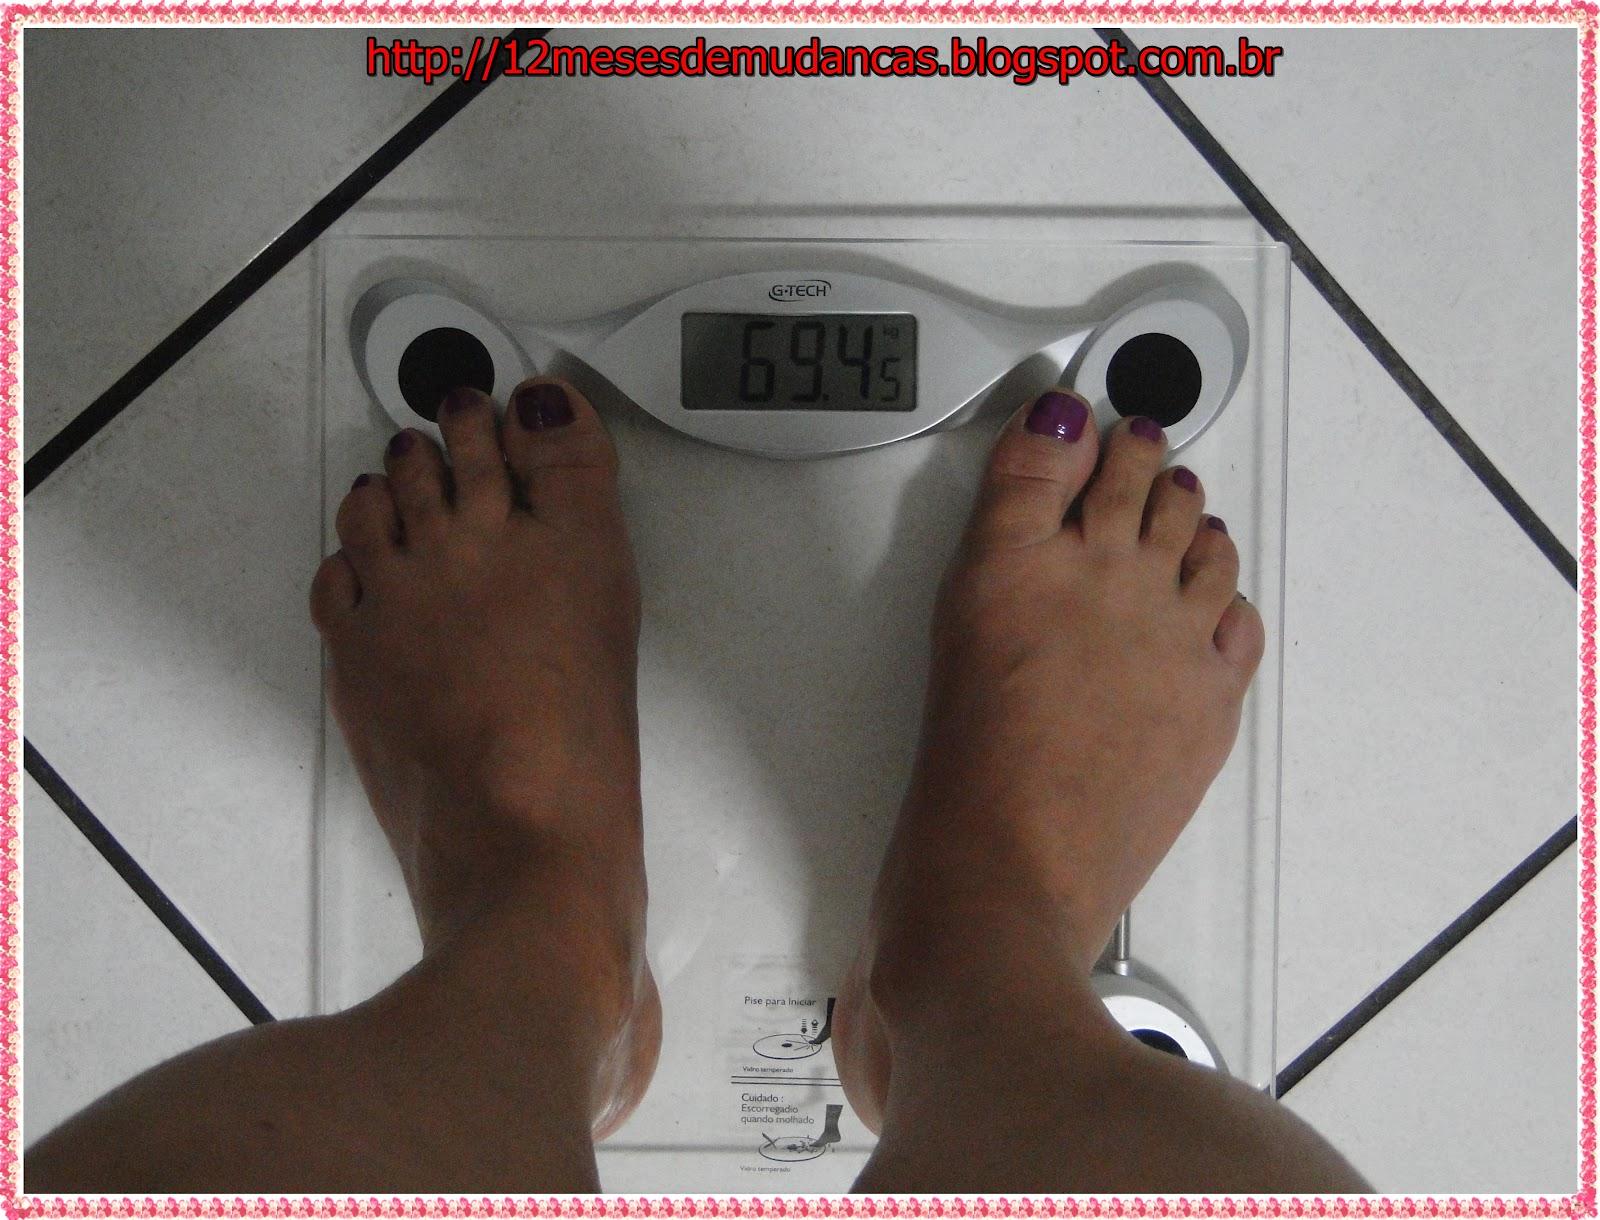 Papel de parede com motivação de perda de peso em um desktop